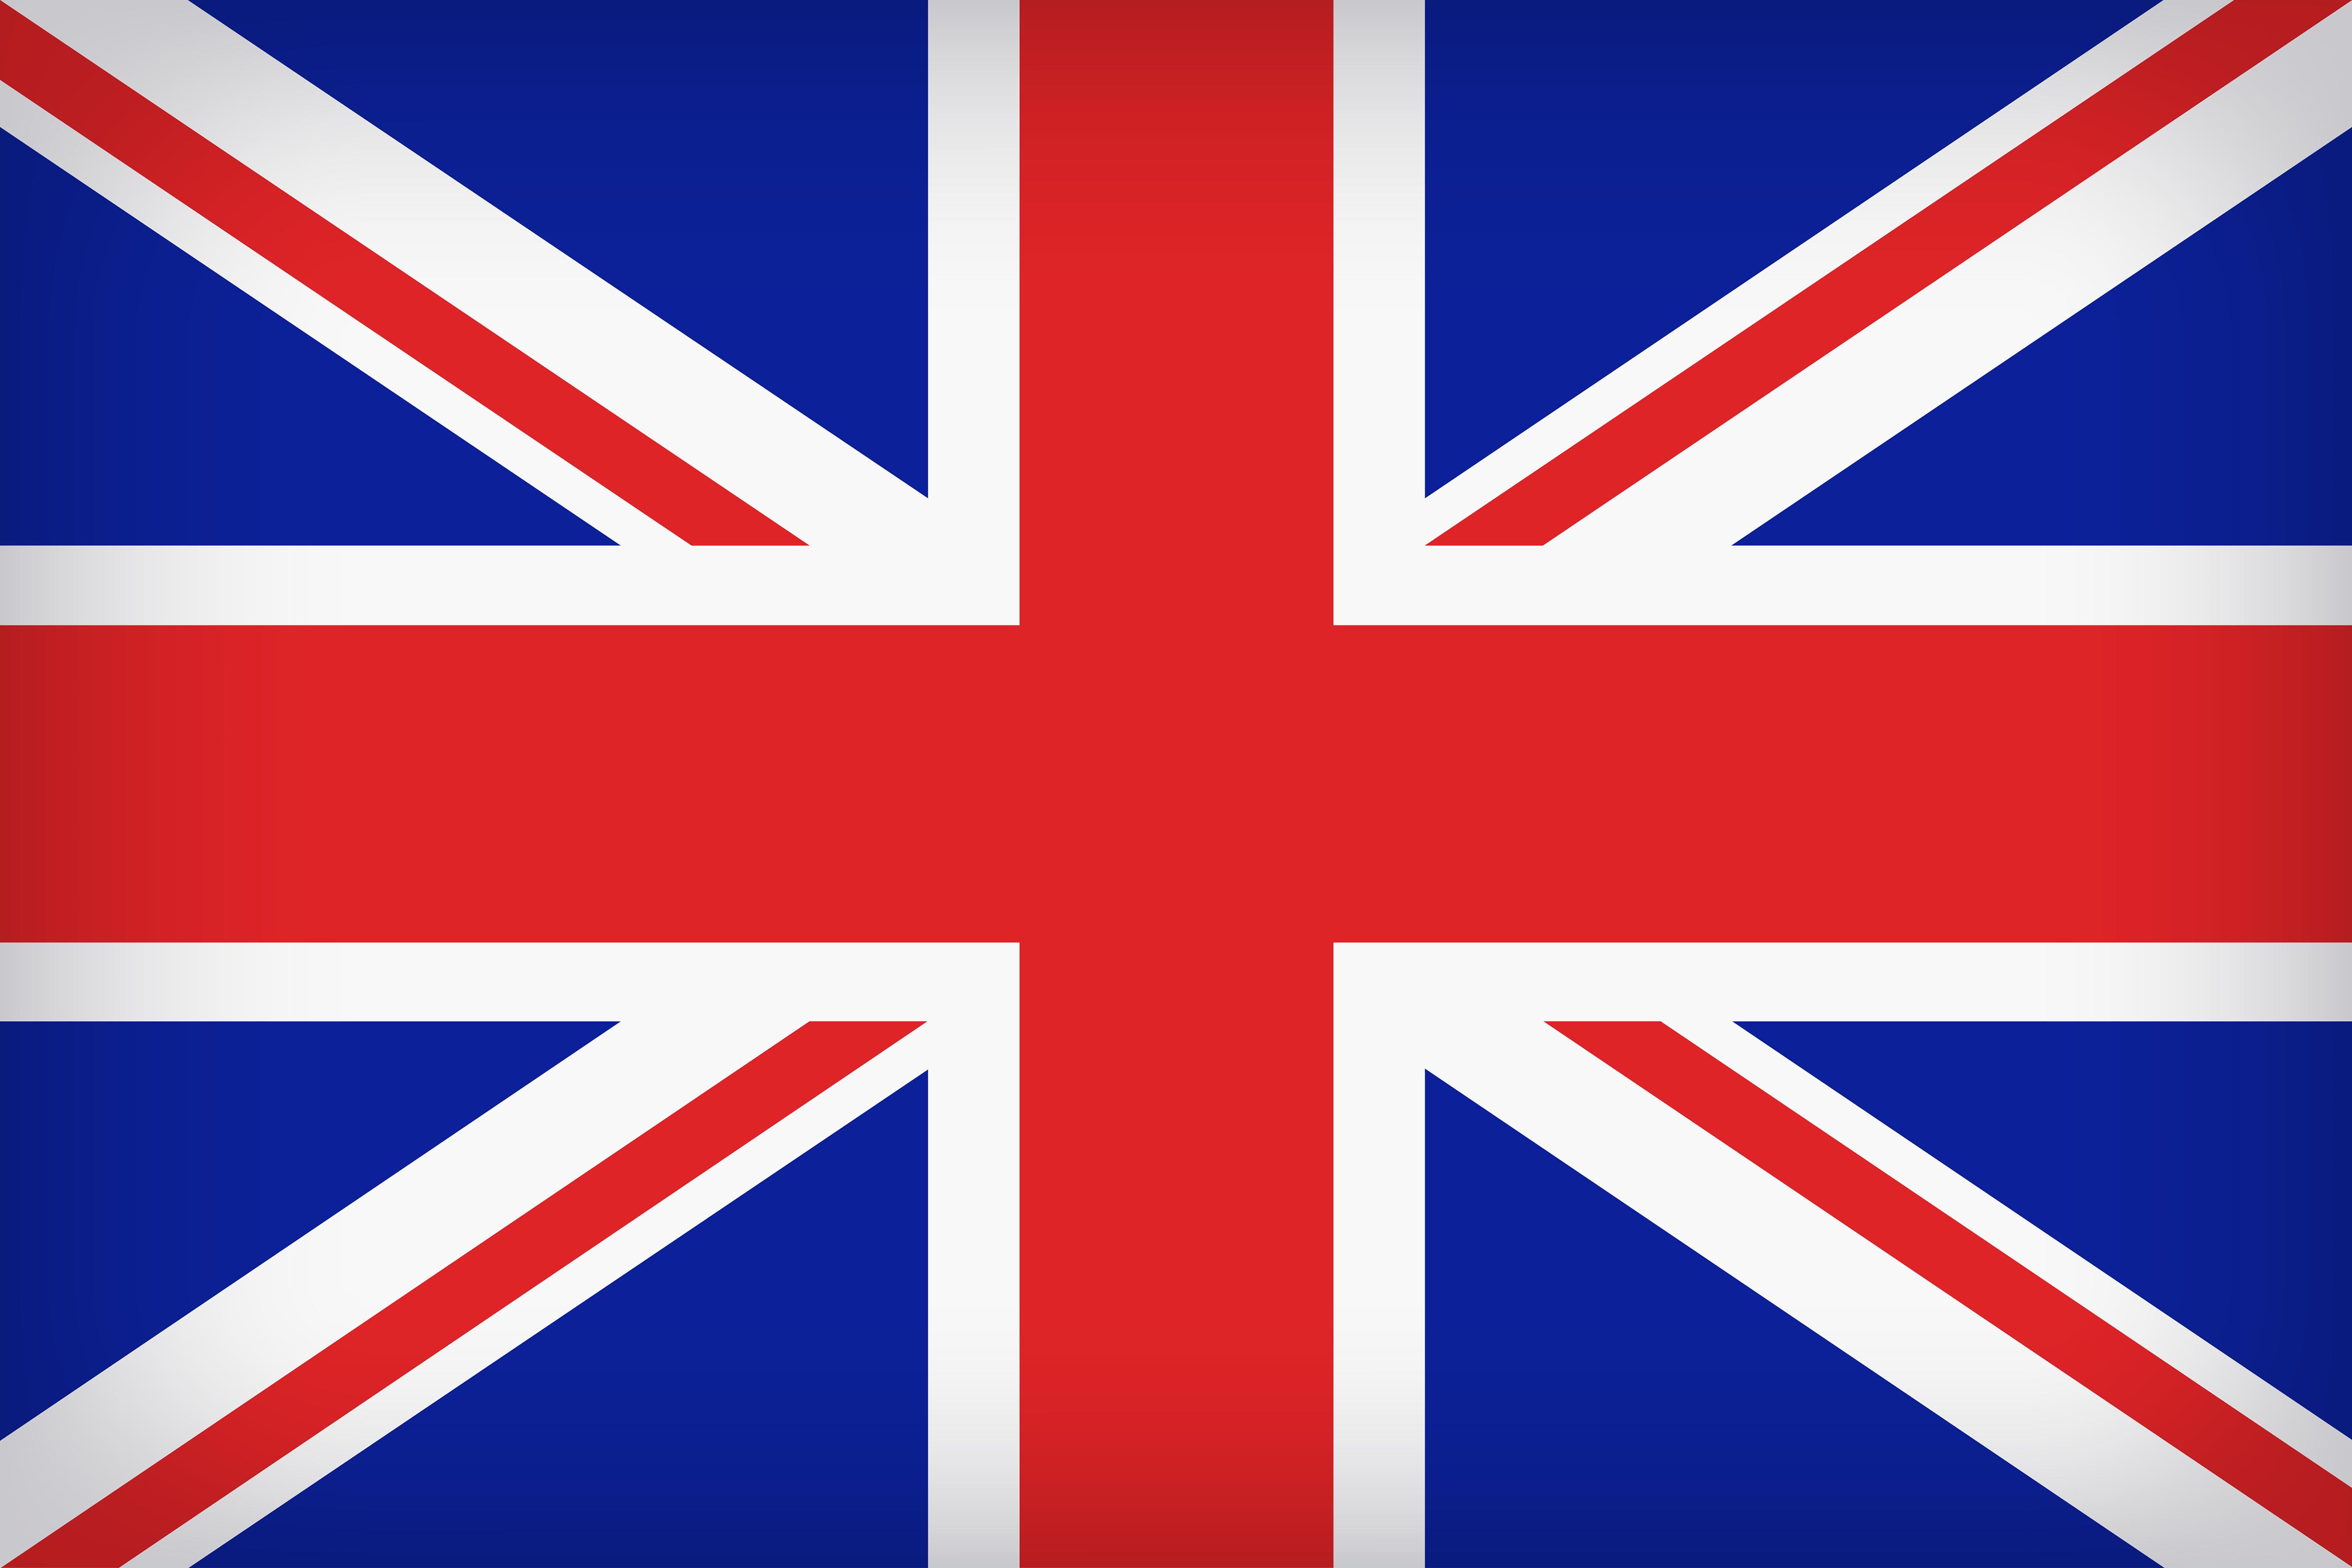 United Kingdom Large Flag.